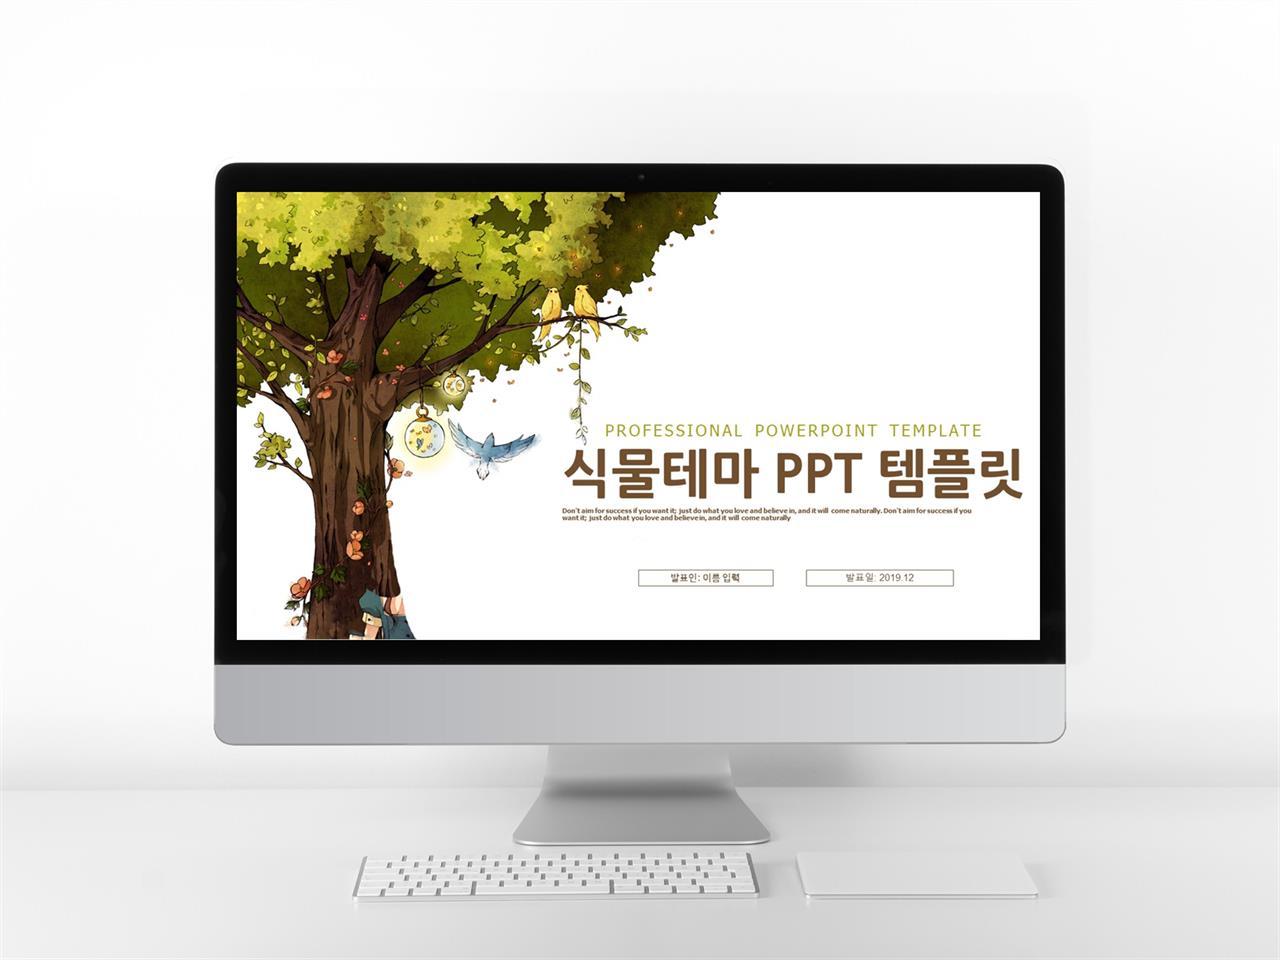 동식물, 애완동물 풀색 애니메이션 다양한 주제에 어울리는 PPT서식 디자인 미리보기